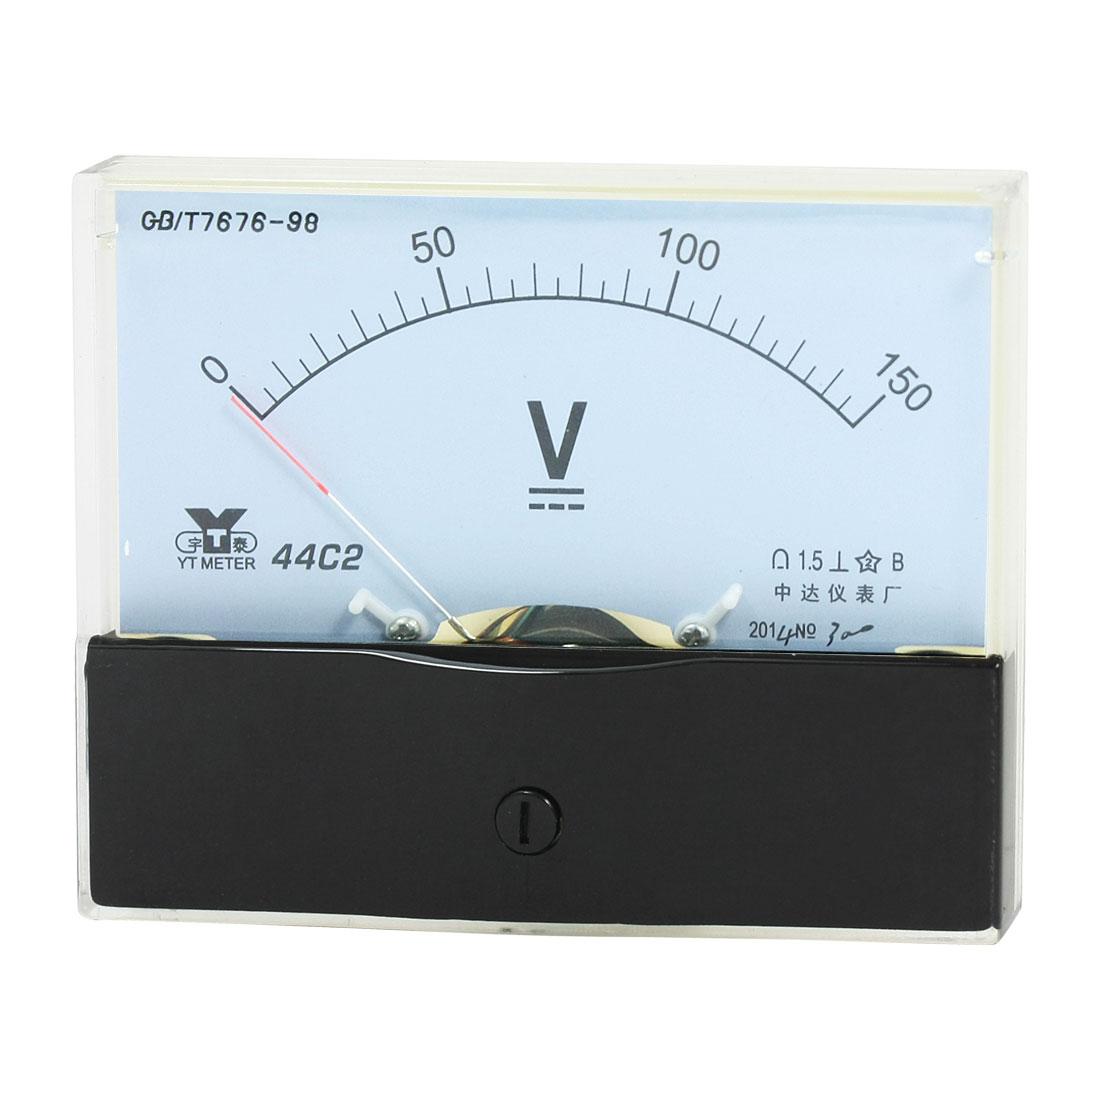 Rectangle Measurement Tool Analog Panel Voltmeter Volt Meter DC 0 - 150V Measuring Range 44C2